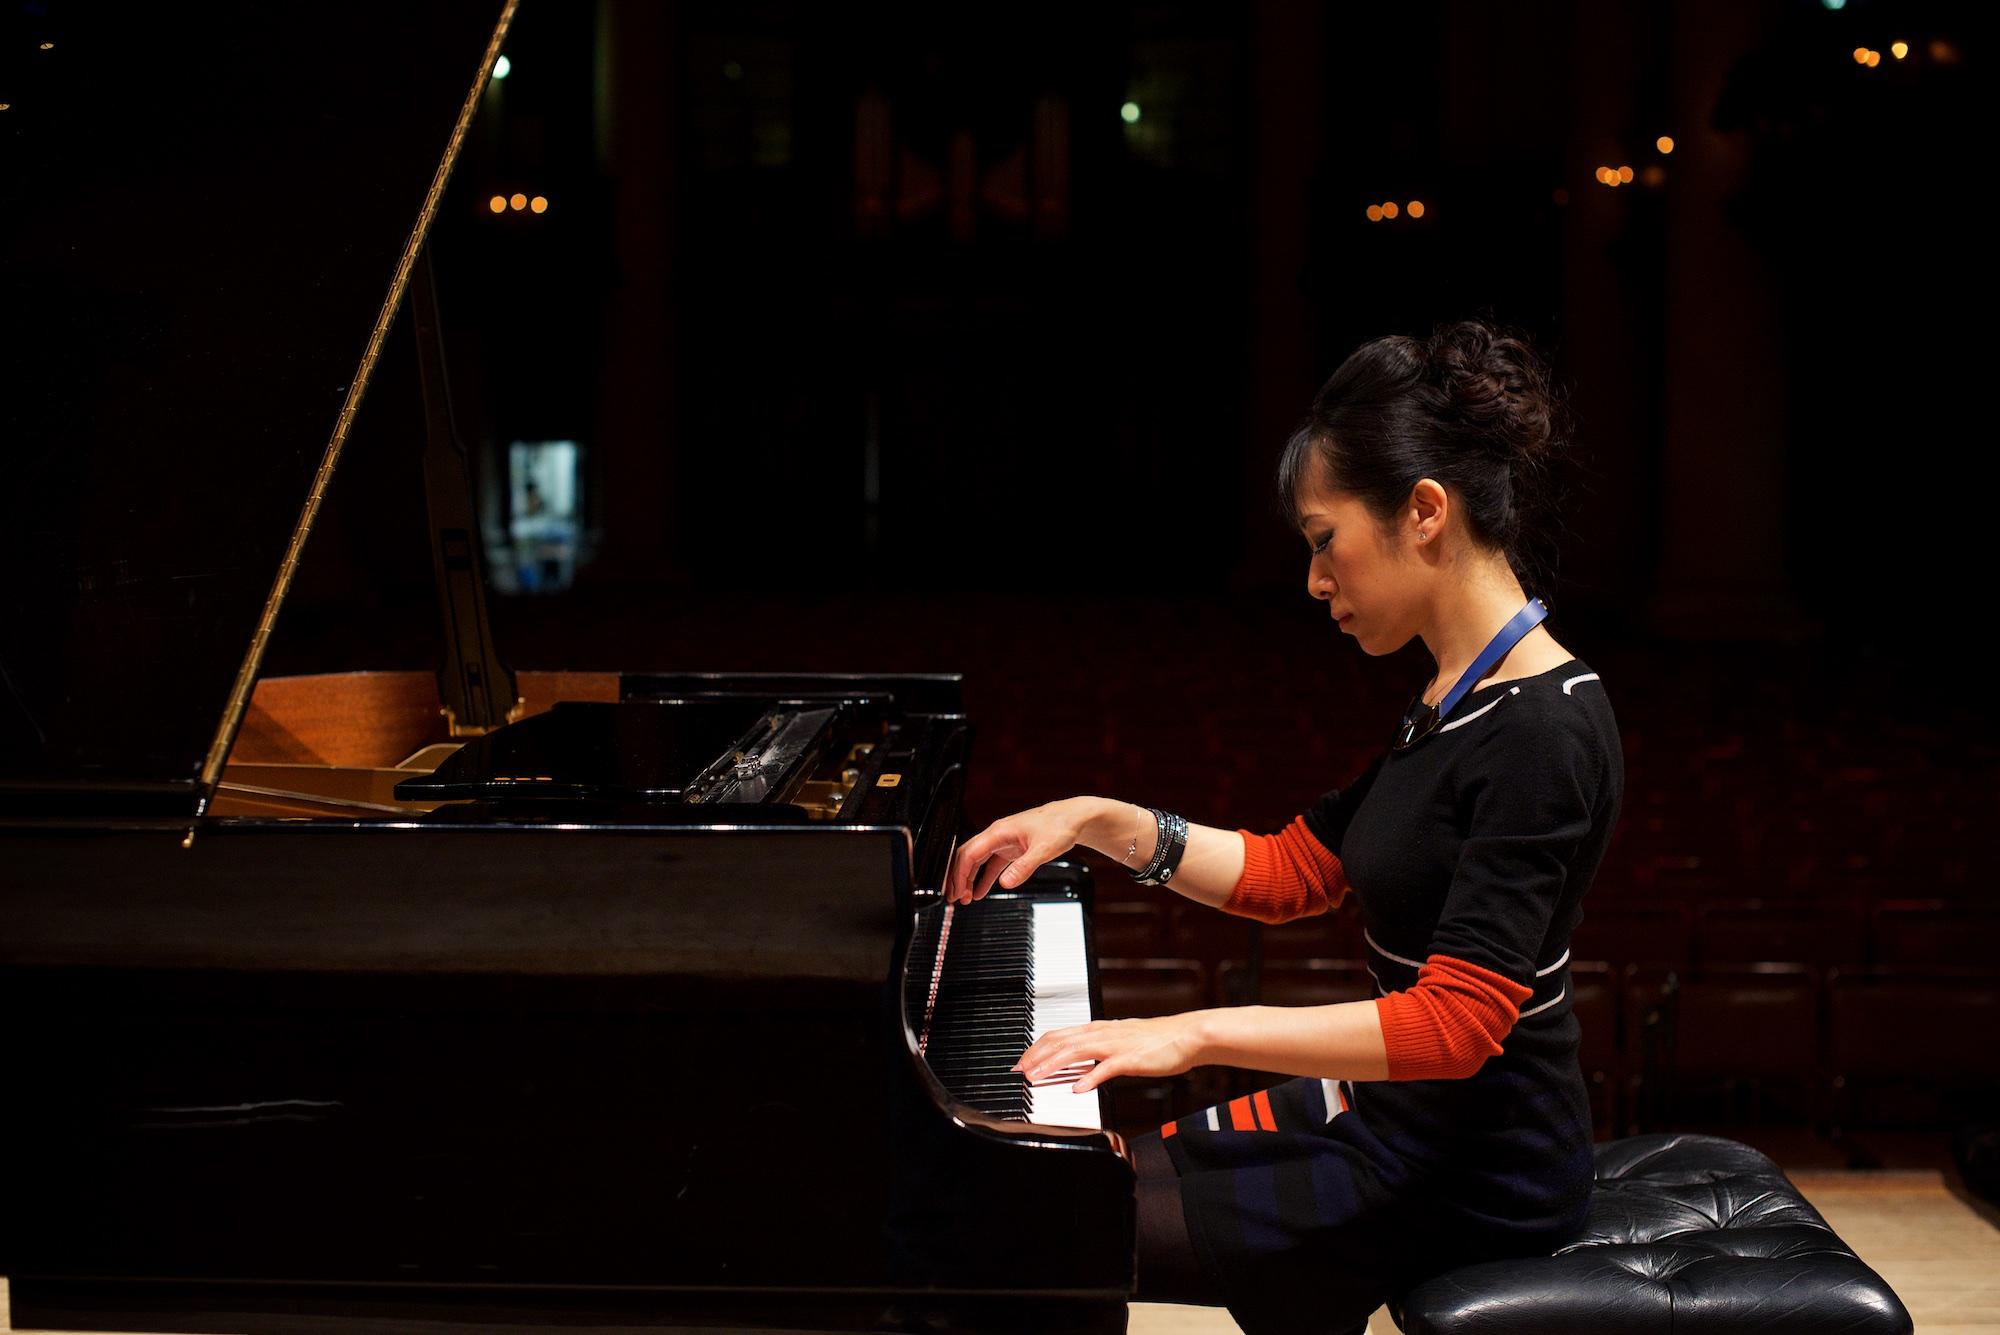 aisa-ijiri-carnegie-hall-steinway-piano-3